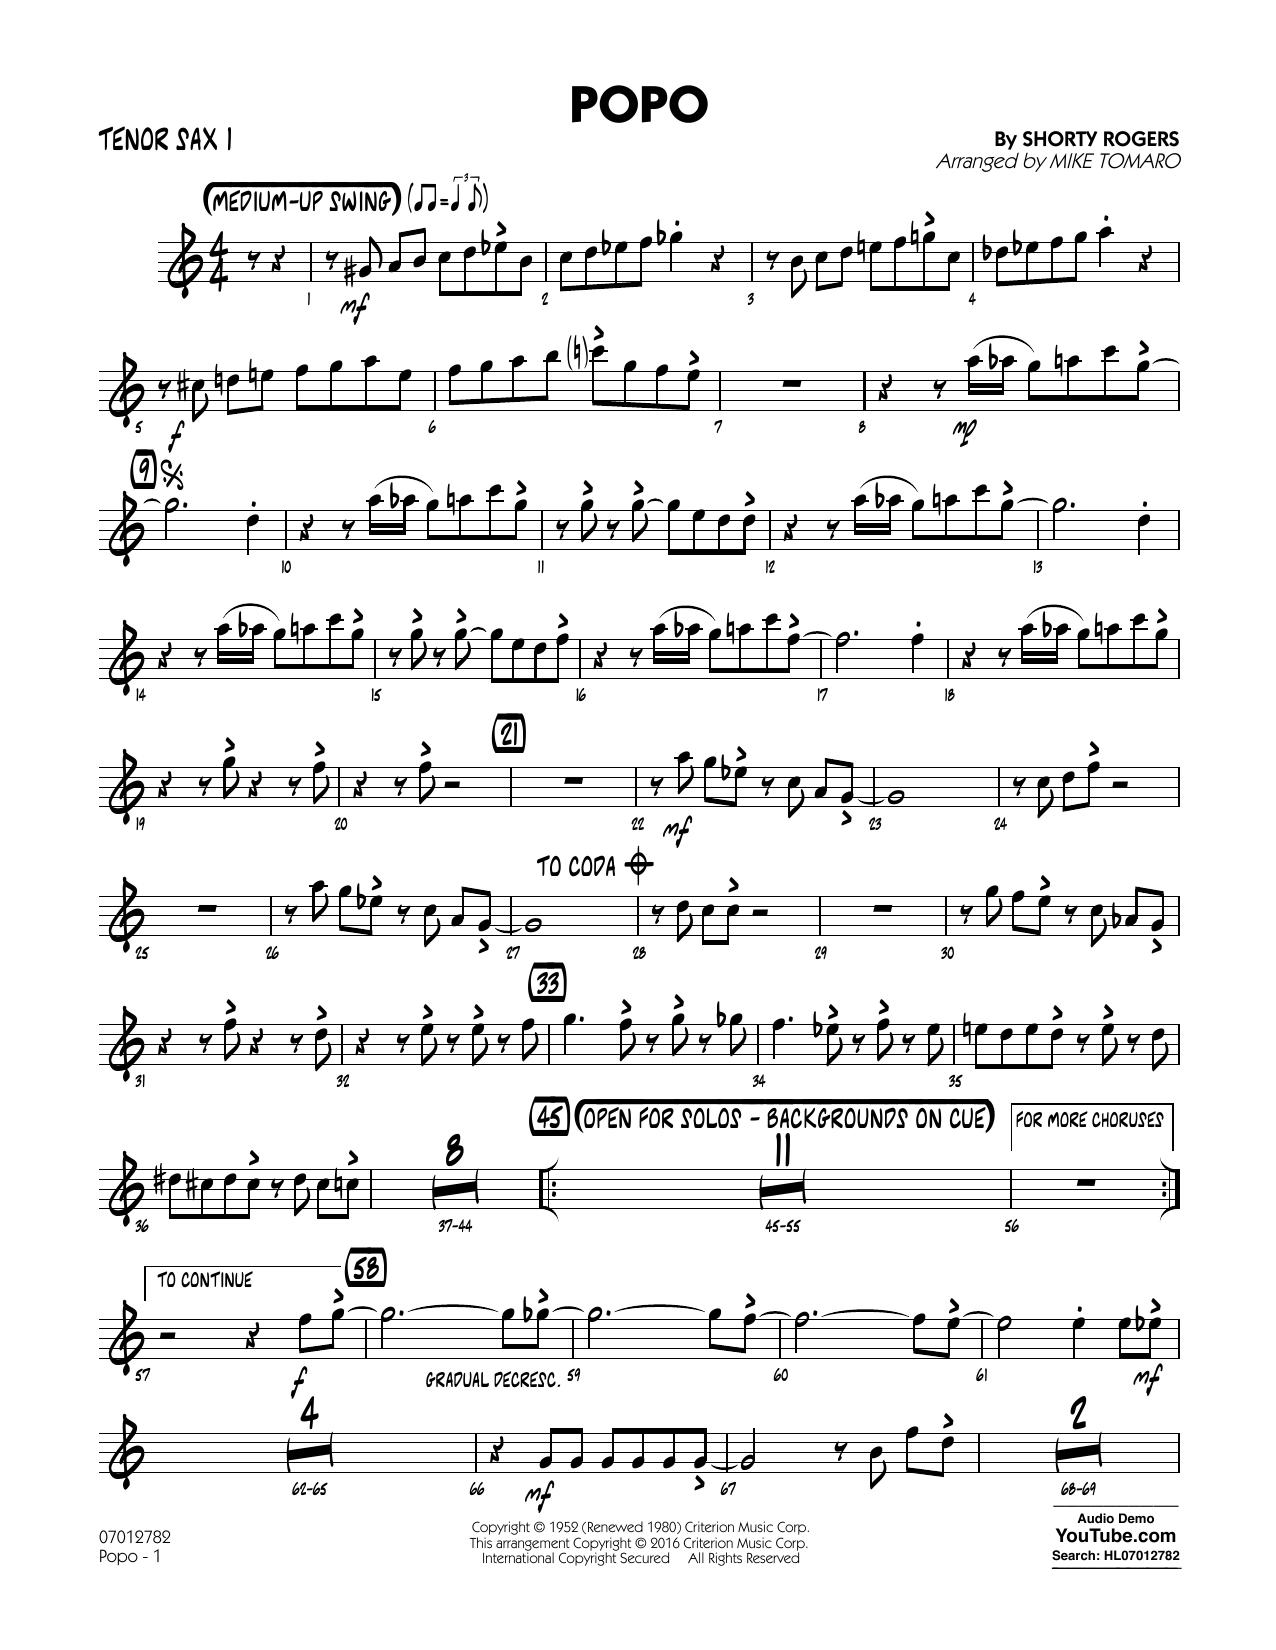 Popo - Tenor Sax 1 (Jazz Ensemble)